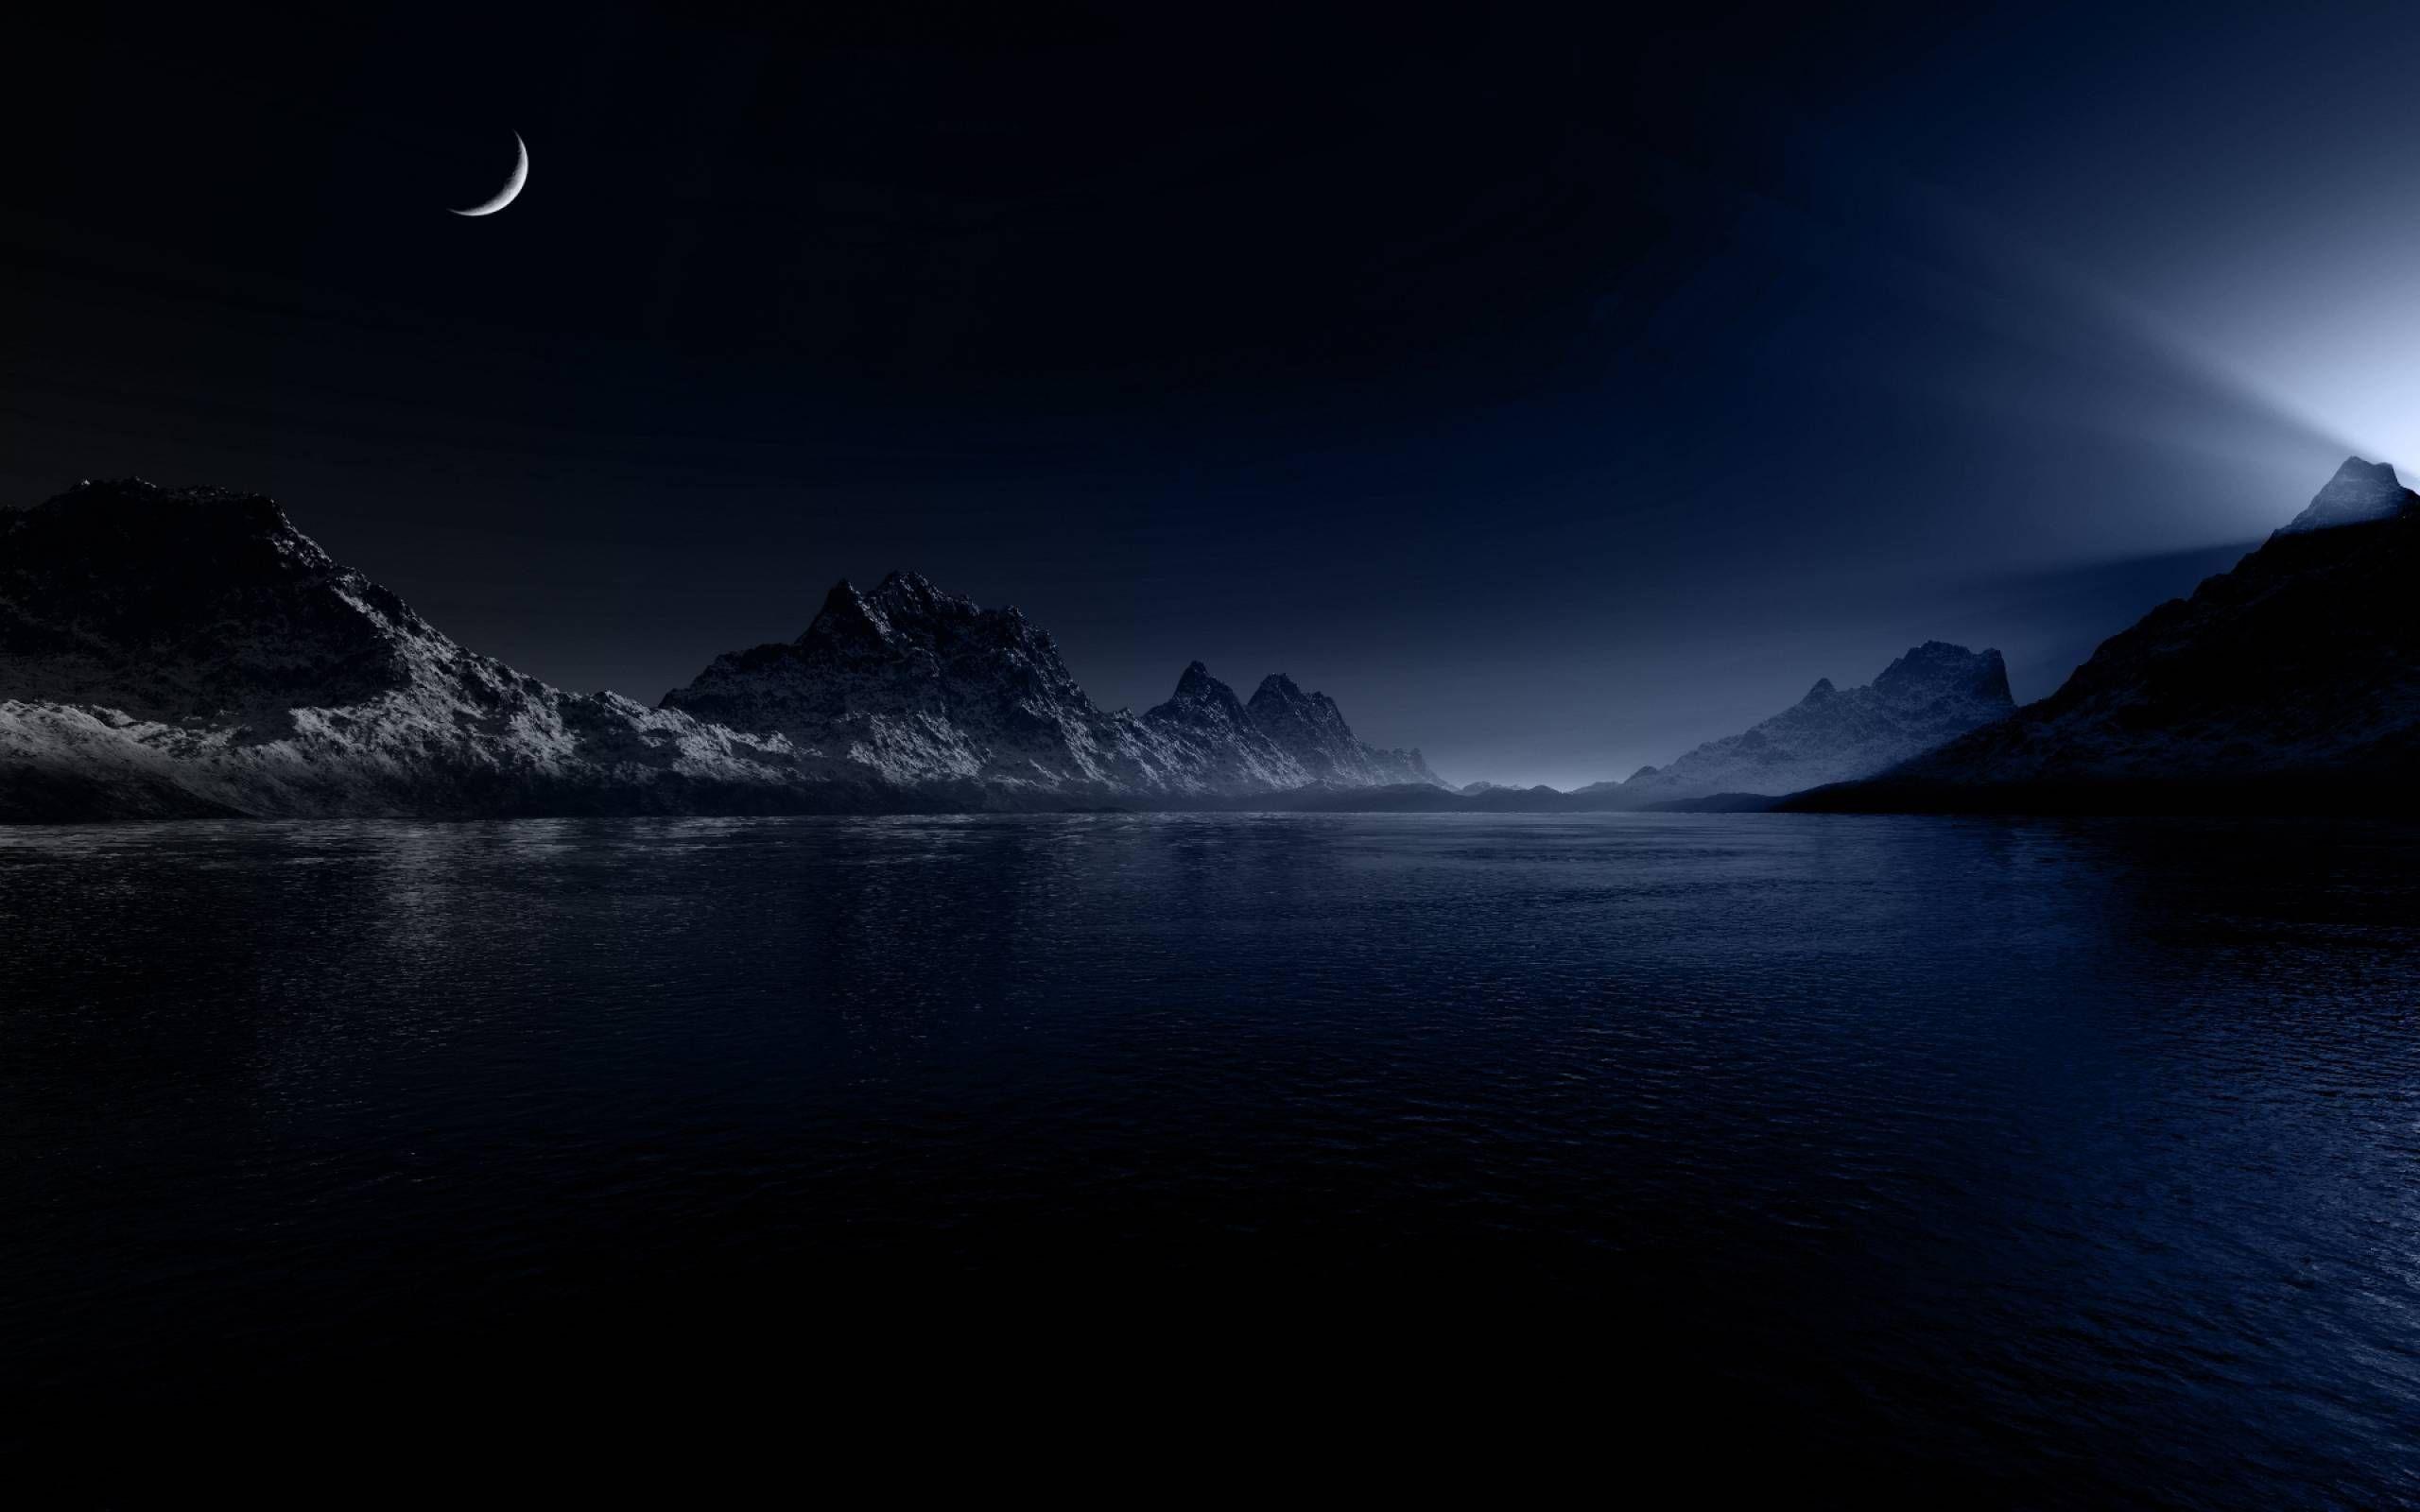 Lago Con Montañas Nevadas Hd: Mes